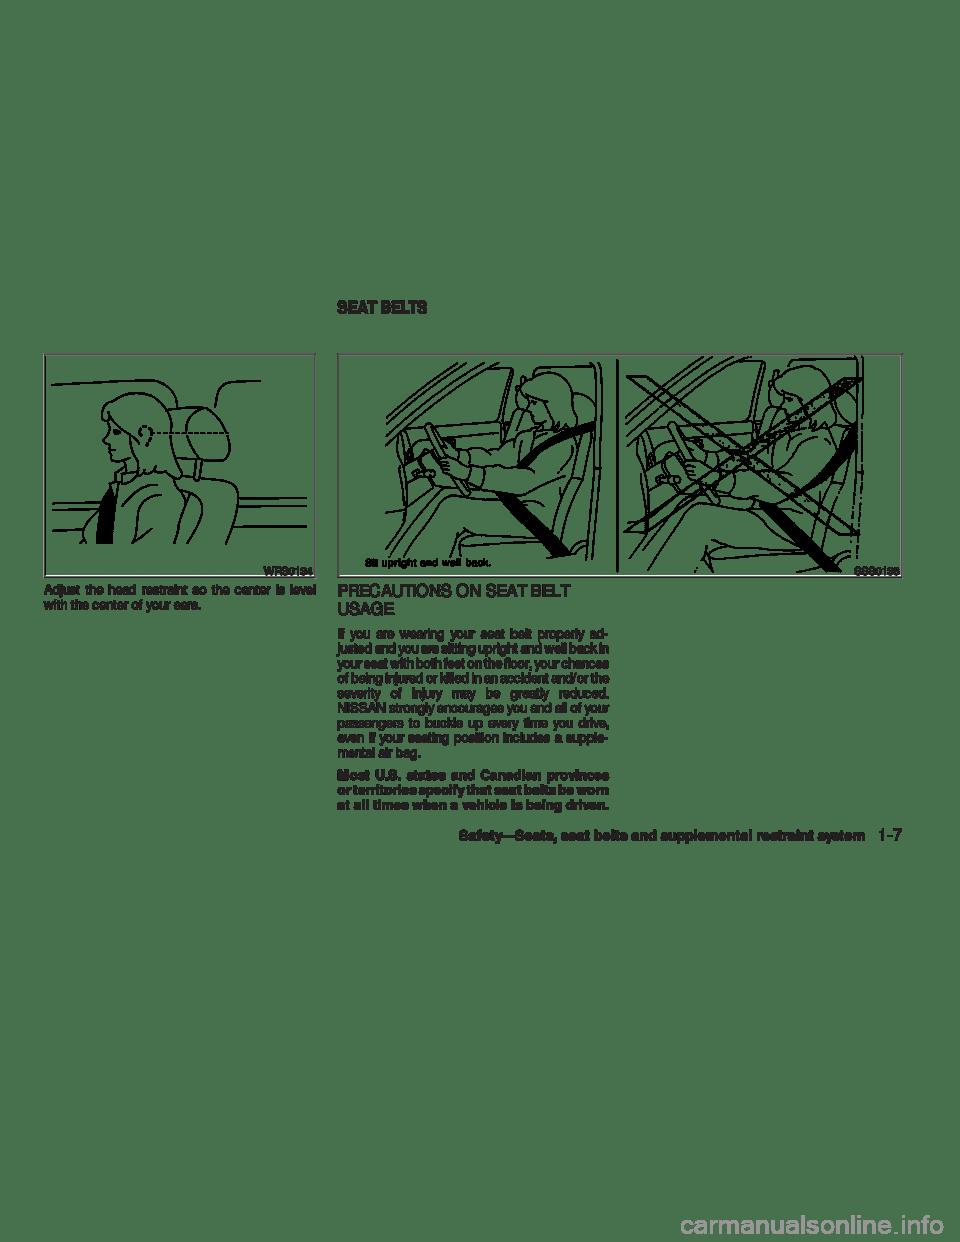 NISSAN VERSA HATCHBACK 2009 1.G Owner's Manual (305 Pages)